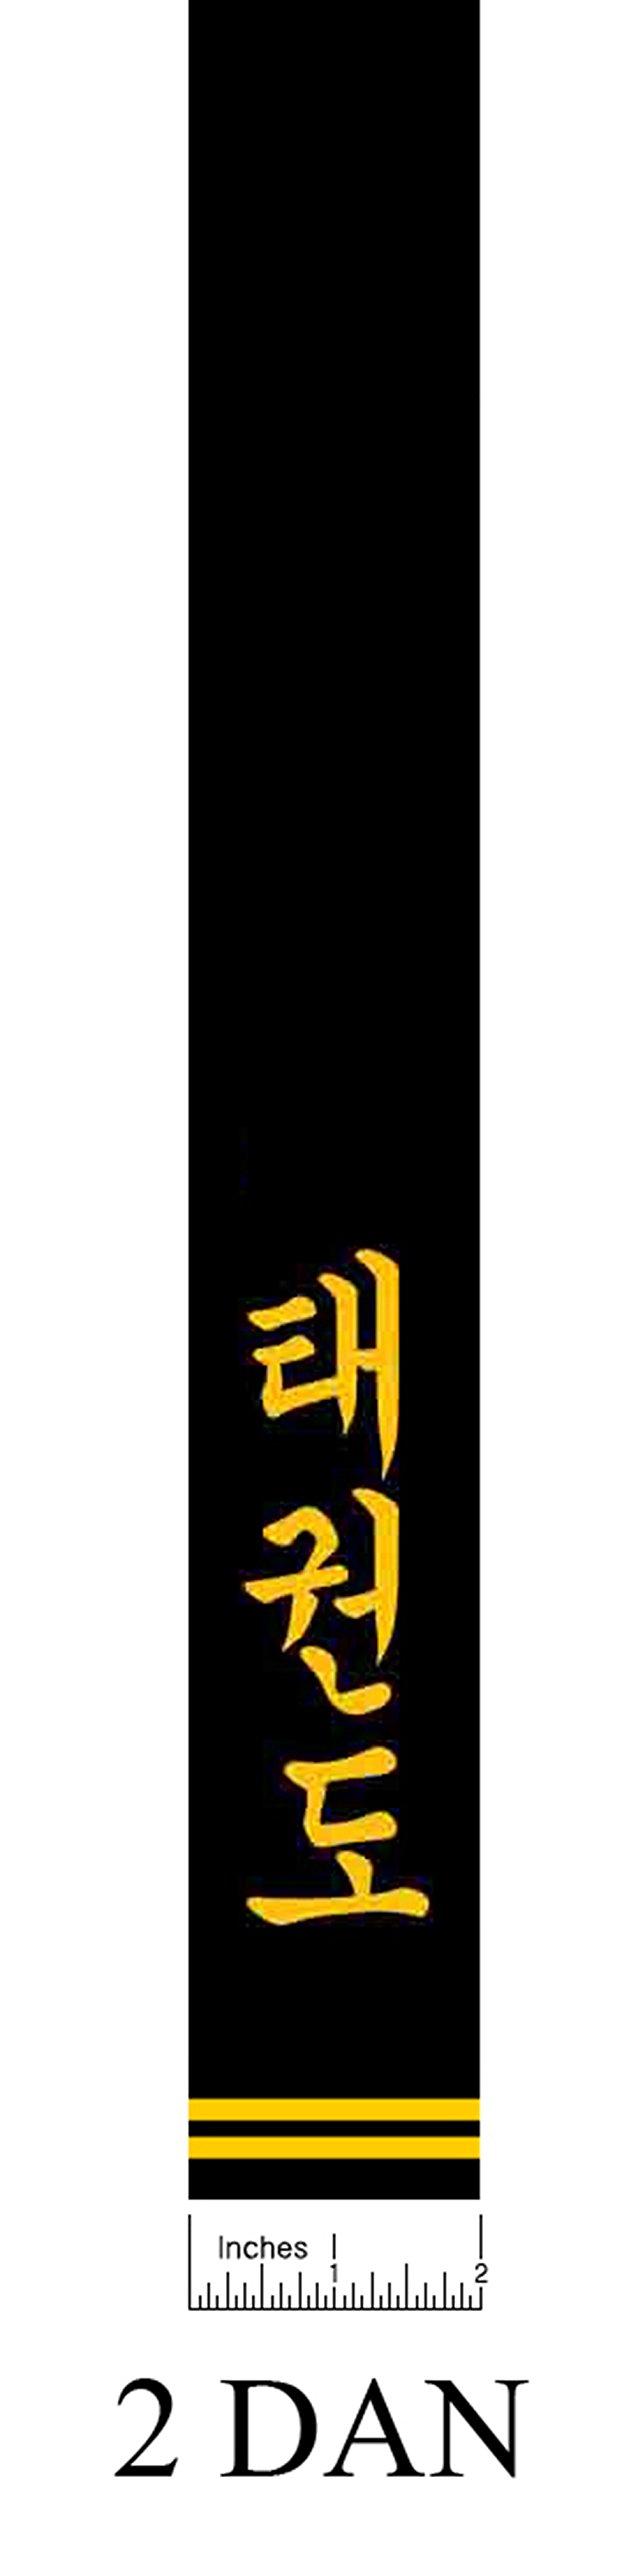 Korean Word Printed Taekwondo Black Dan Belt 1 to 4 Dan to Choose From 8 Size (2 Dan, 7 (128''))